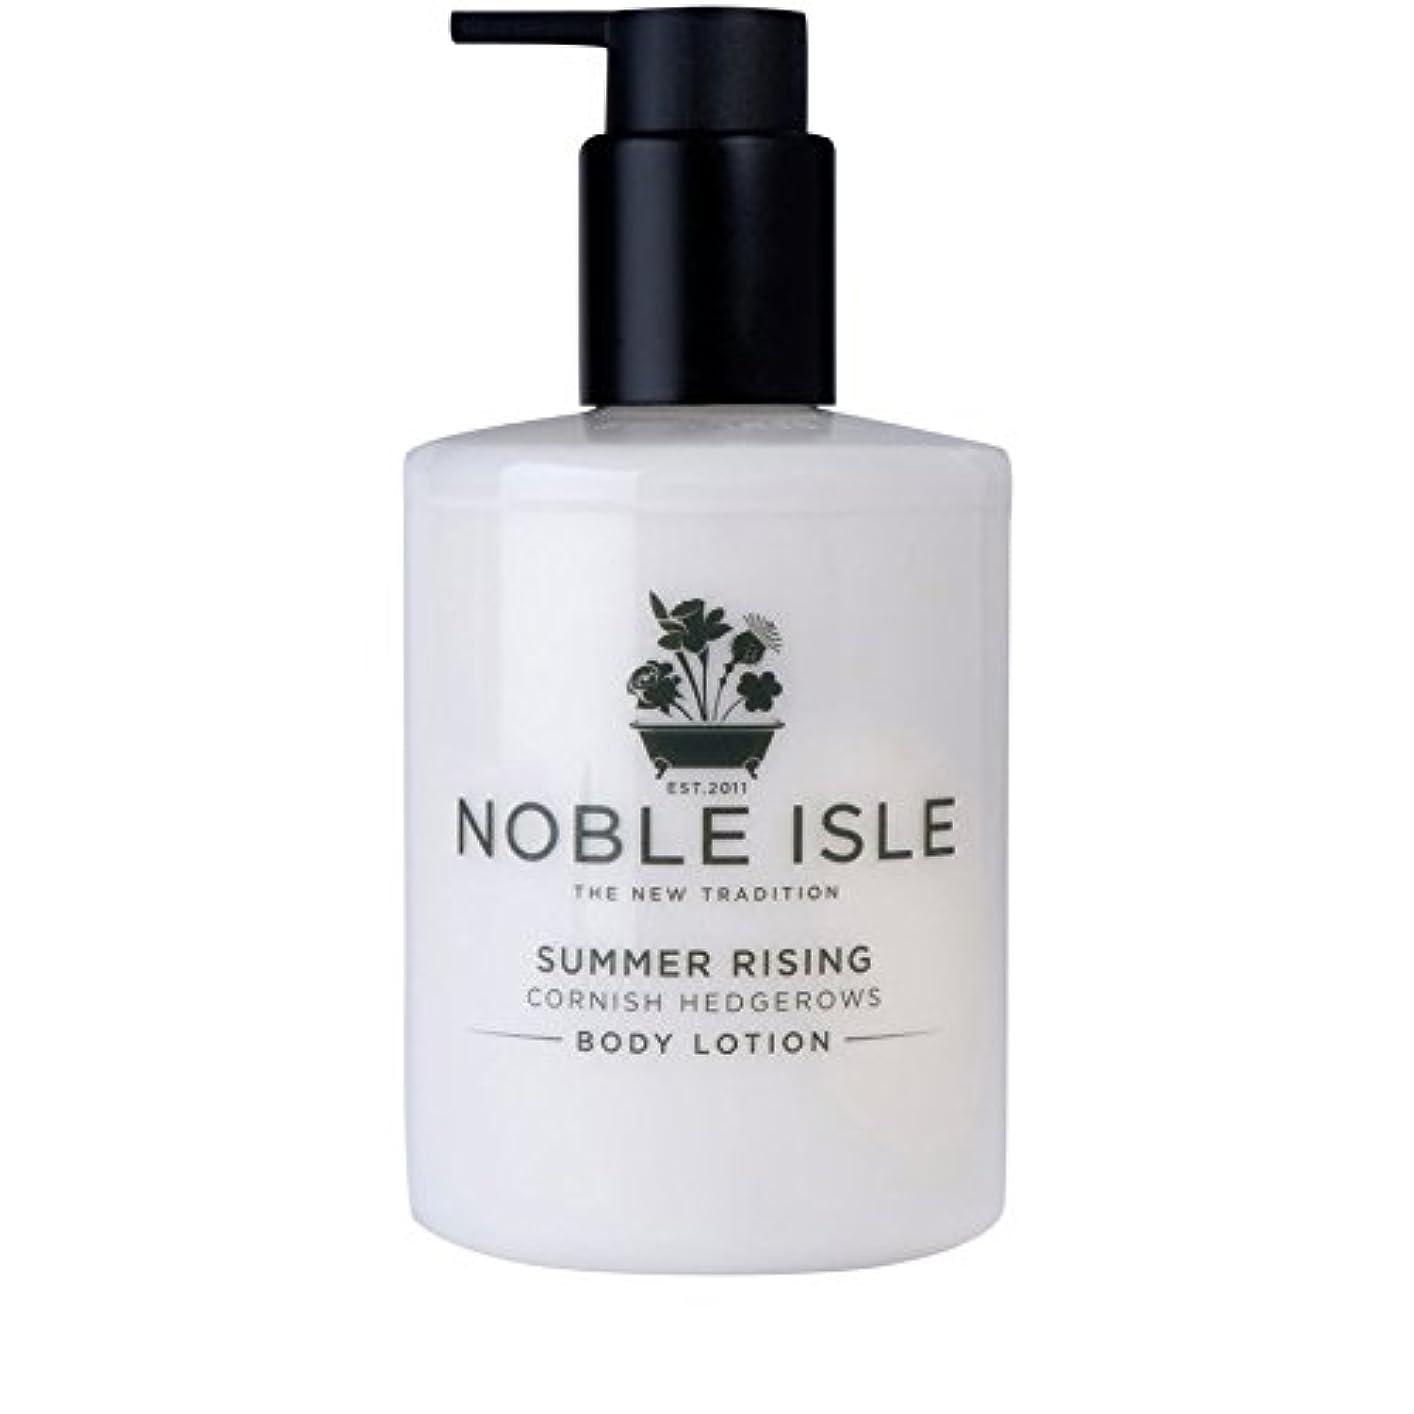 高価なランク怠惰Noble Isle Summer Rising Cornish Hedgerows Body Lotion 250ml (Pack of 6) - コーニッシュ生け垣ボディローション250ミリリットルを上昇高貴な島の夏...